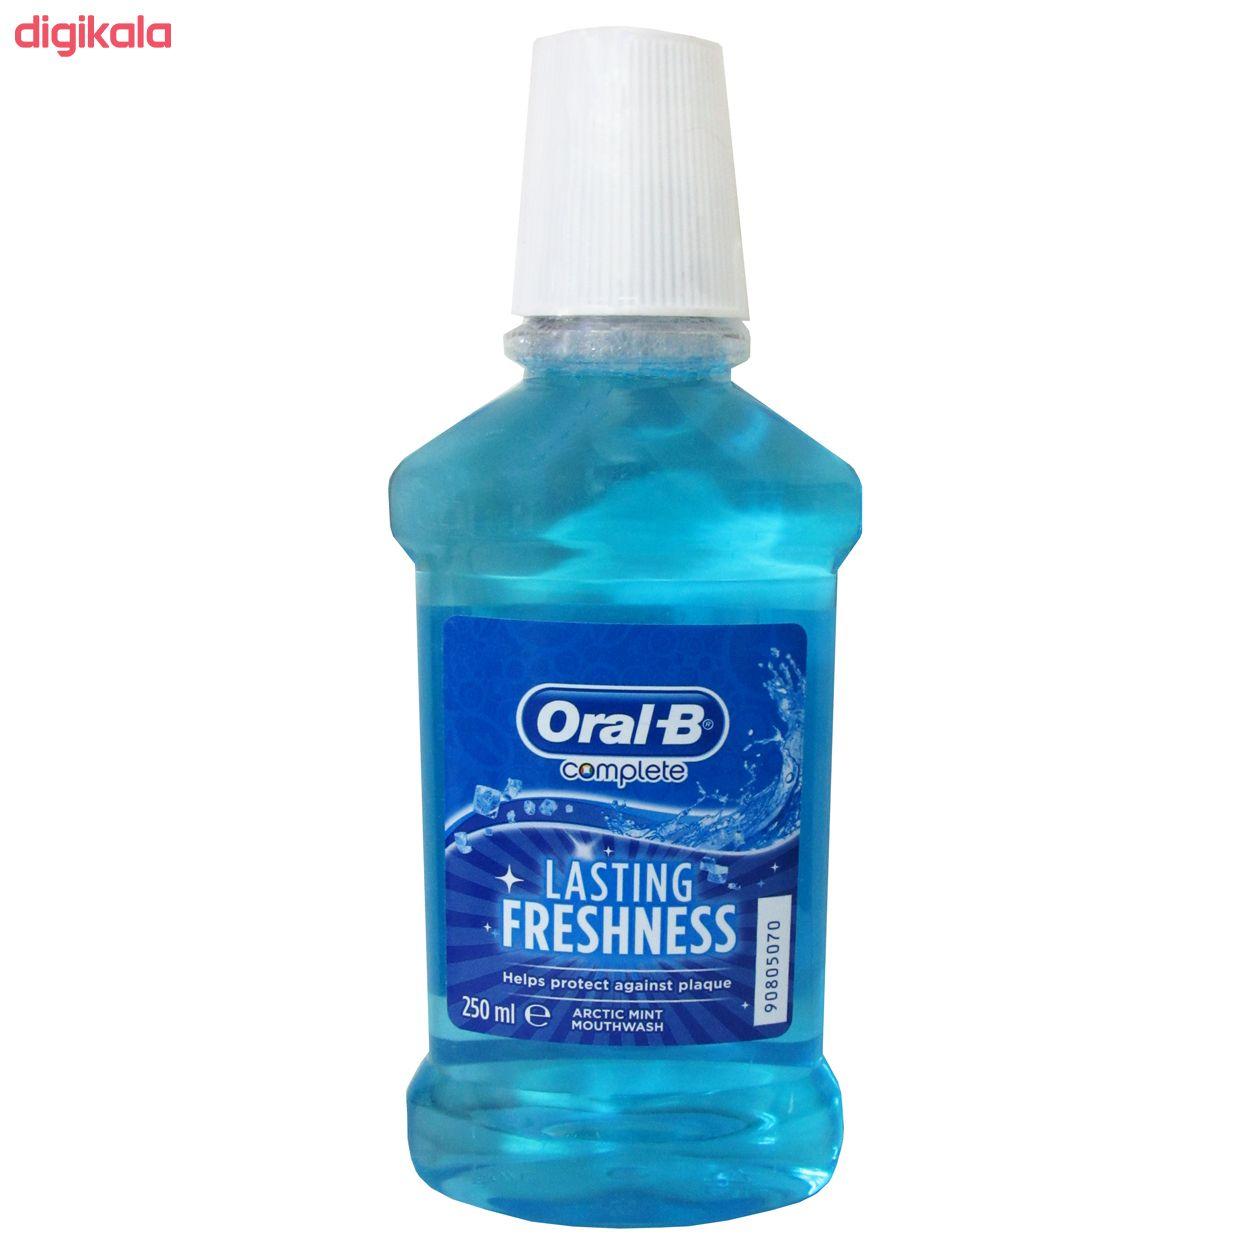 دهان شویه اورال بی سری Complete مدل Lasting Freshness حجم 250 میلی لیتر main 1 1